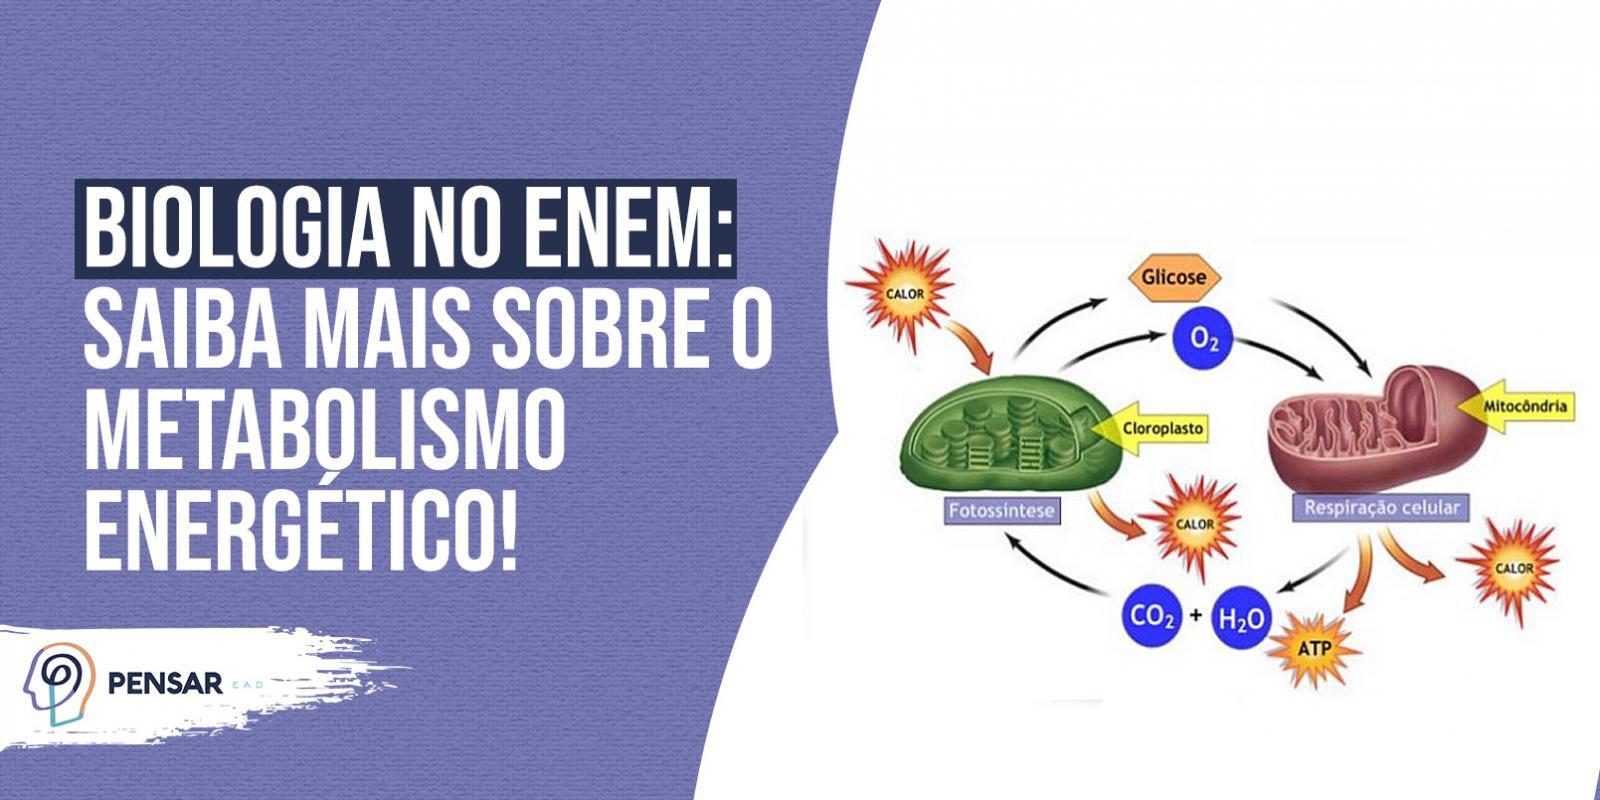 Biologia no ENEM: saiba mais sobre o metabolismo energético!